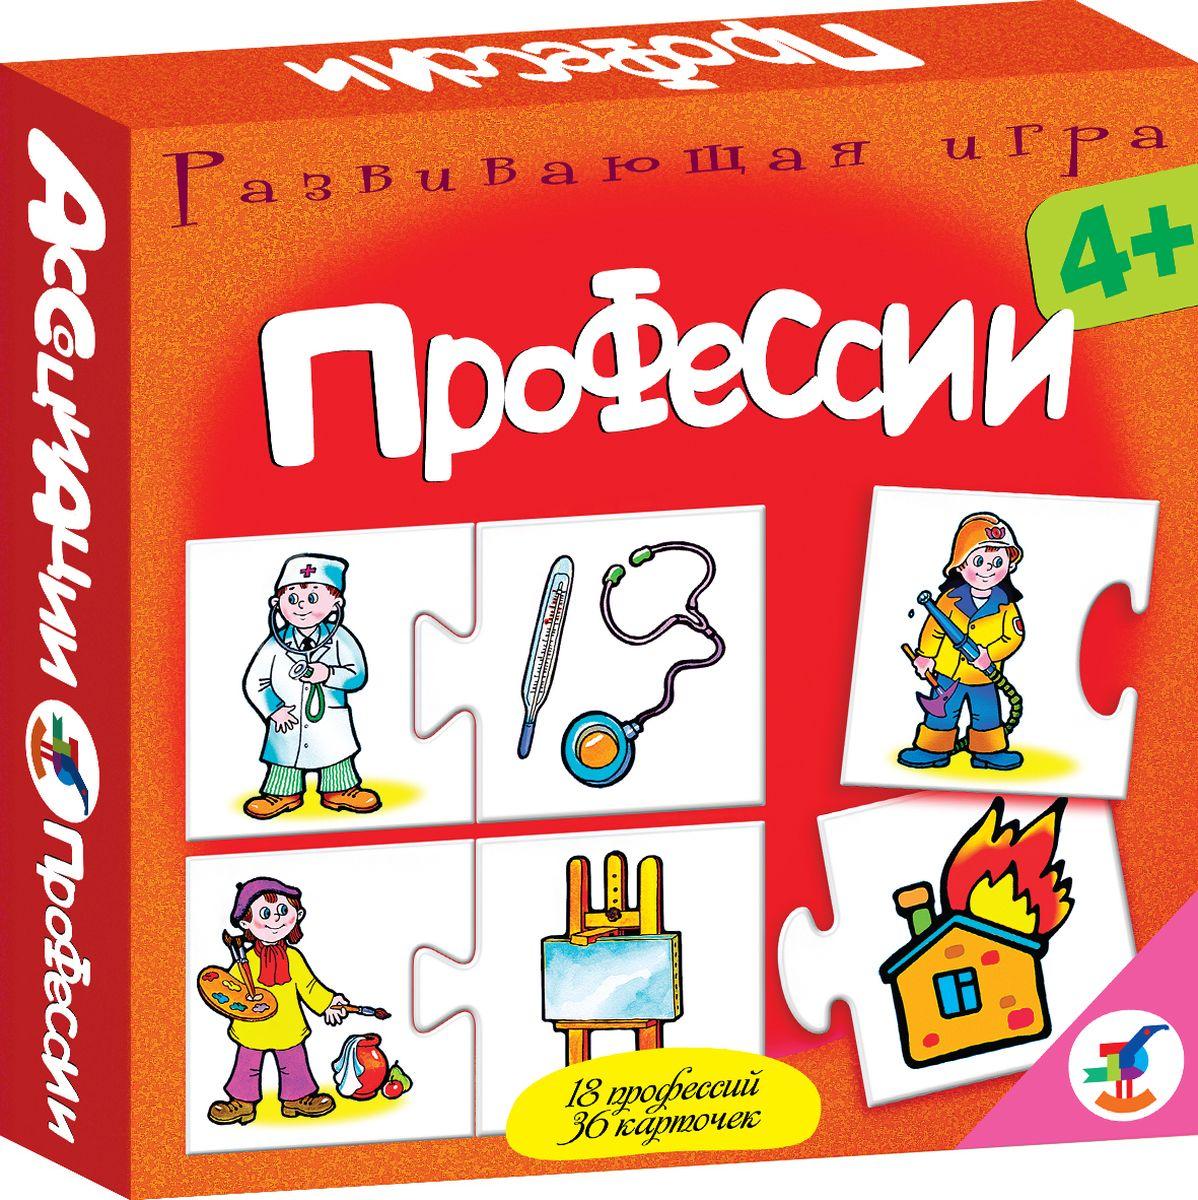 Дрофа-Медиа Пазл для малышей Ассоциации Профессии2924Пазл для малышей Дрофа-Медиа Ассоциации. Профессии - увлекательная красочная игра, которая станет отличным помощником в формировании ассоциативного мышления детей. В комплекте 36 карточек (18 профессий), которые скрепляются между собой по принципу пазла, на одной части карточек изображены представители разных профессий, на другой - предметы, которые они используют в своей работе. Малышу предлагается соединить карточки таким образом, чтобы обе половинки совпадали по смыслу. Фигурная форма карточек поможет проверить правильность ответа: если допущена ошибка, пазловый замок не соединится. Игра знакомит с представителями разных профессий, способствуют развитию внимания и памяти, расширяет кругозор.